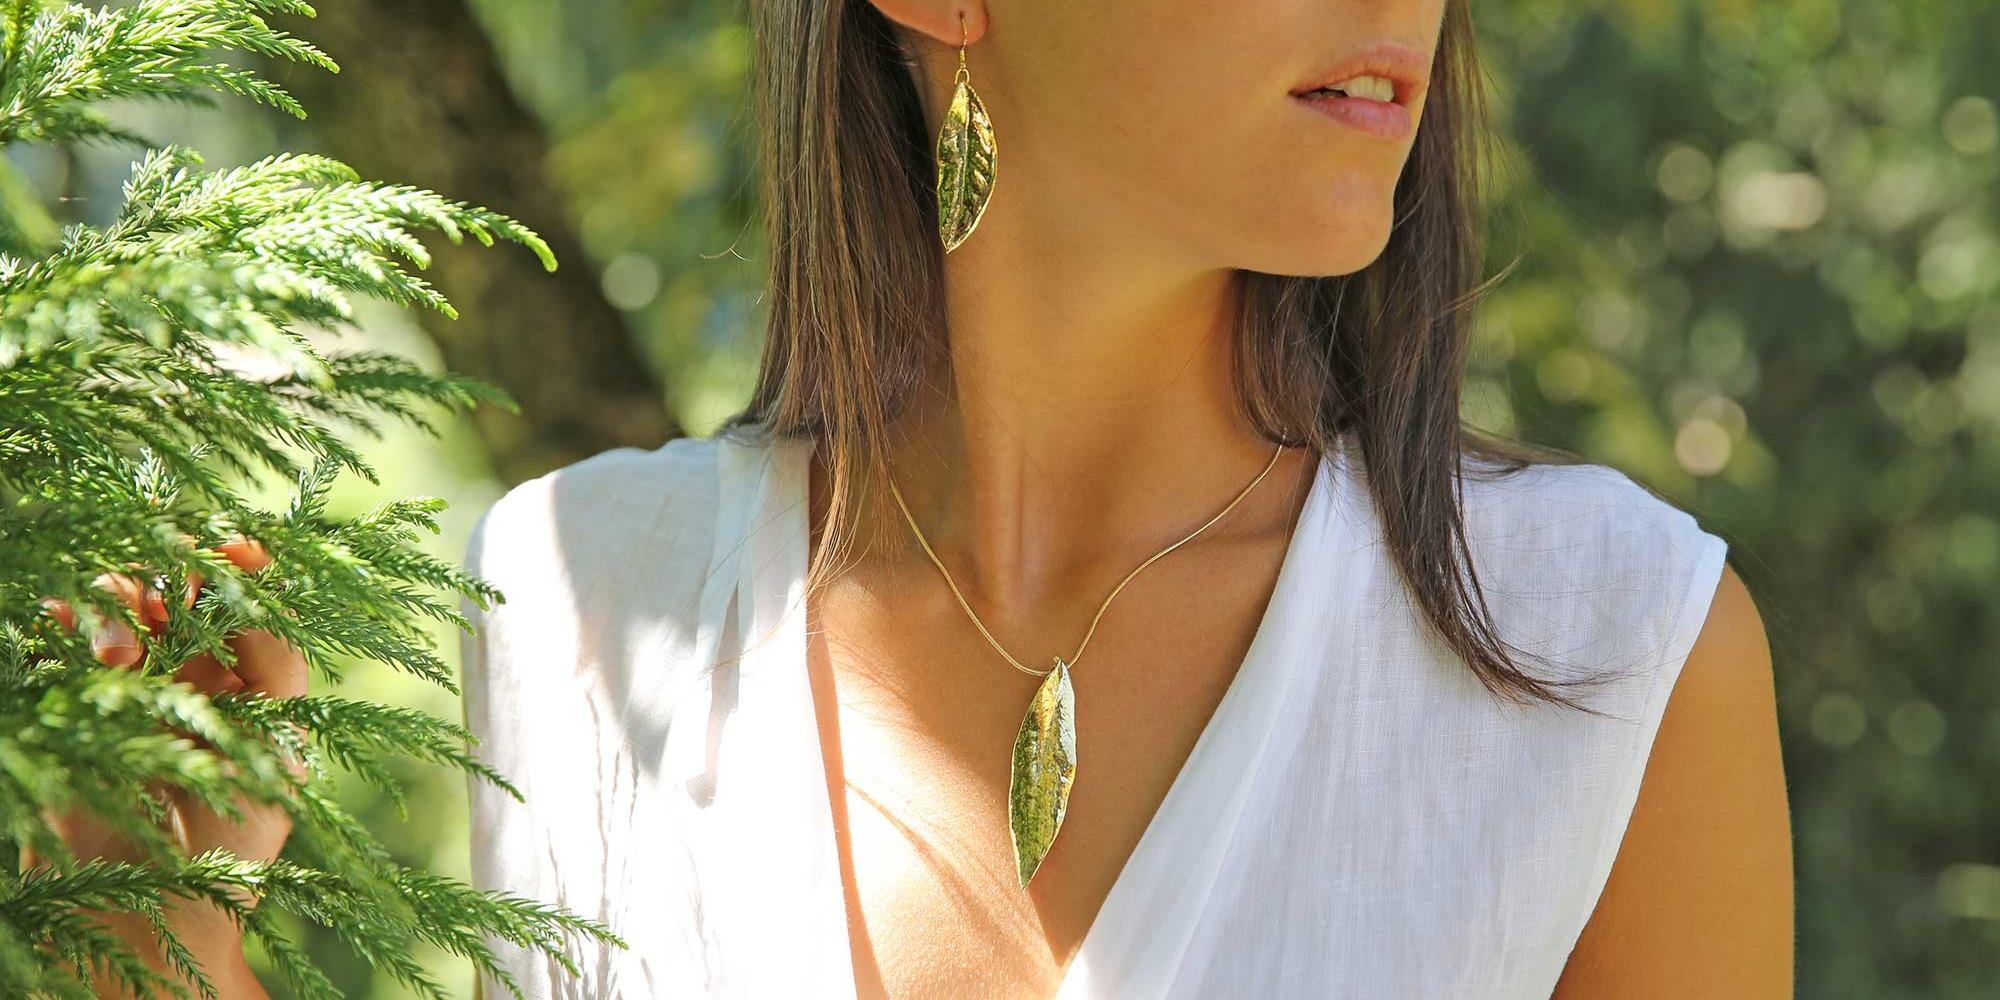 Parure indossata da modella con ciondolo e orecchini di vere foglie di ulivo placcate oro